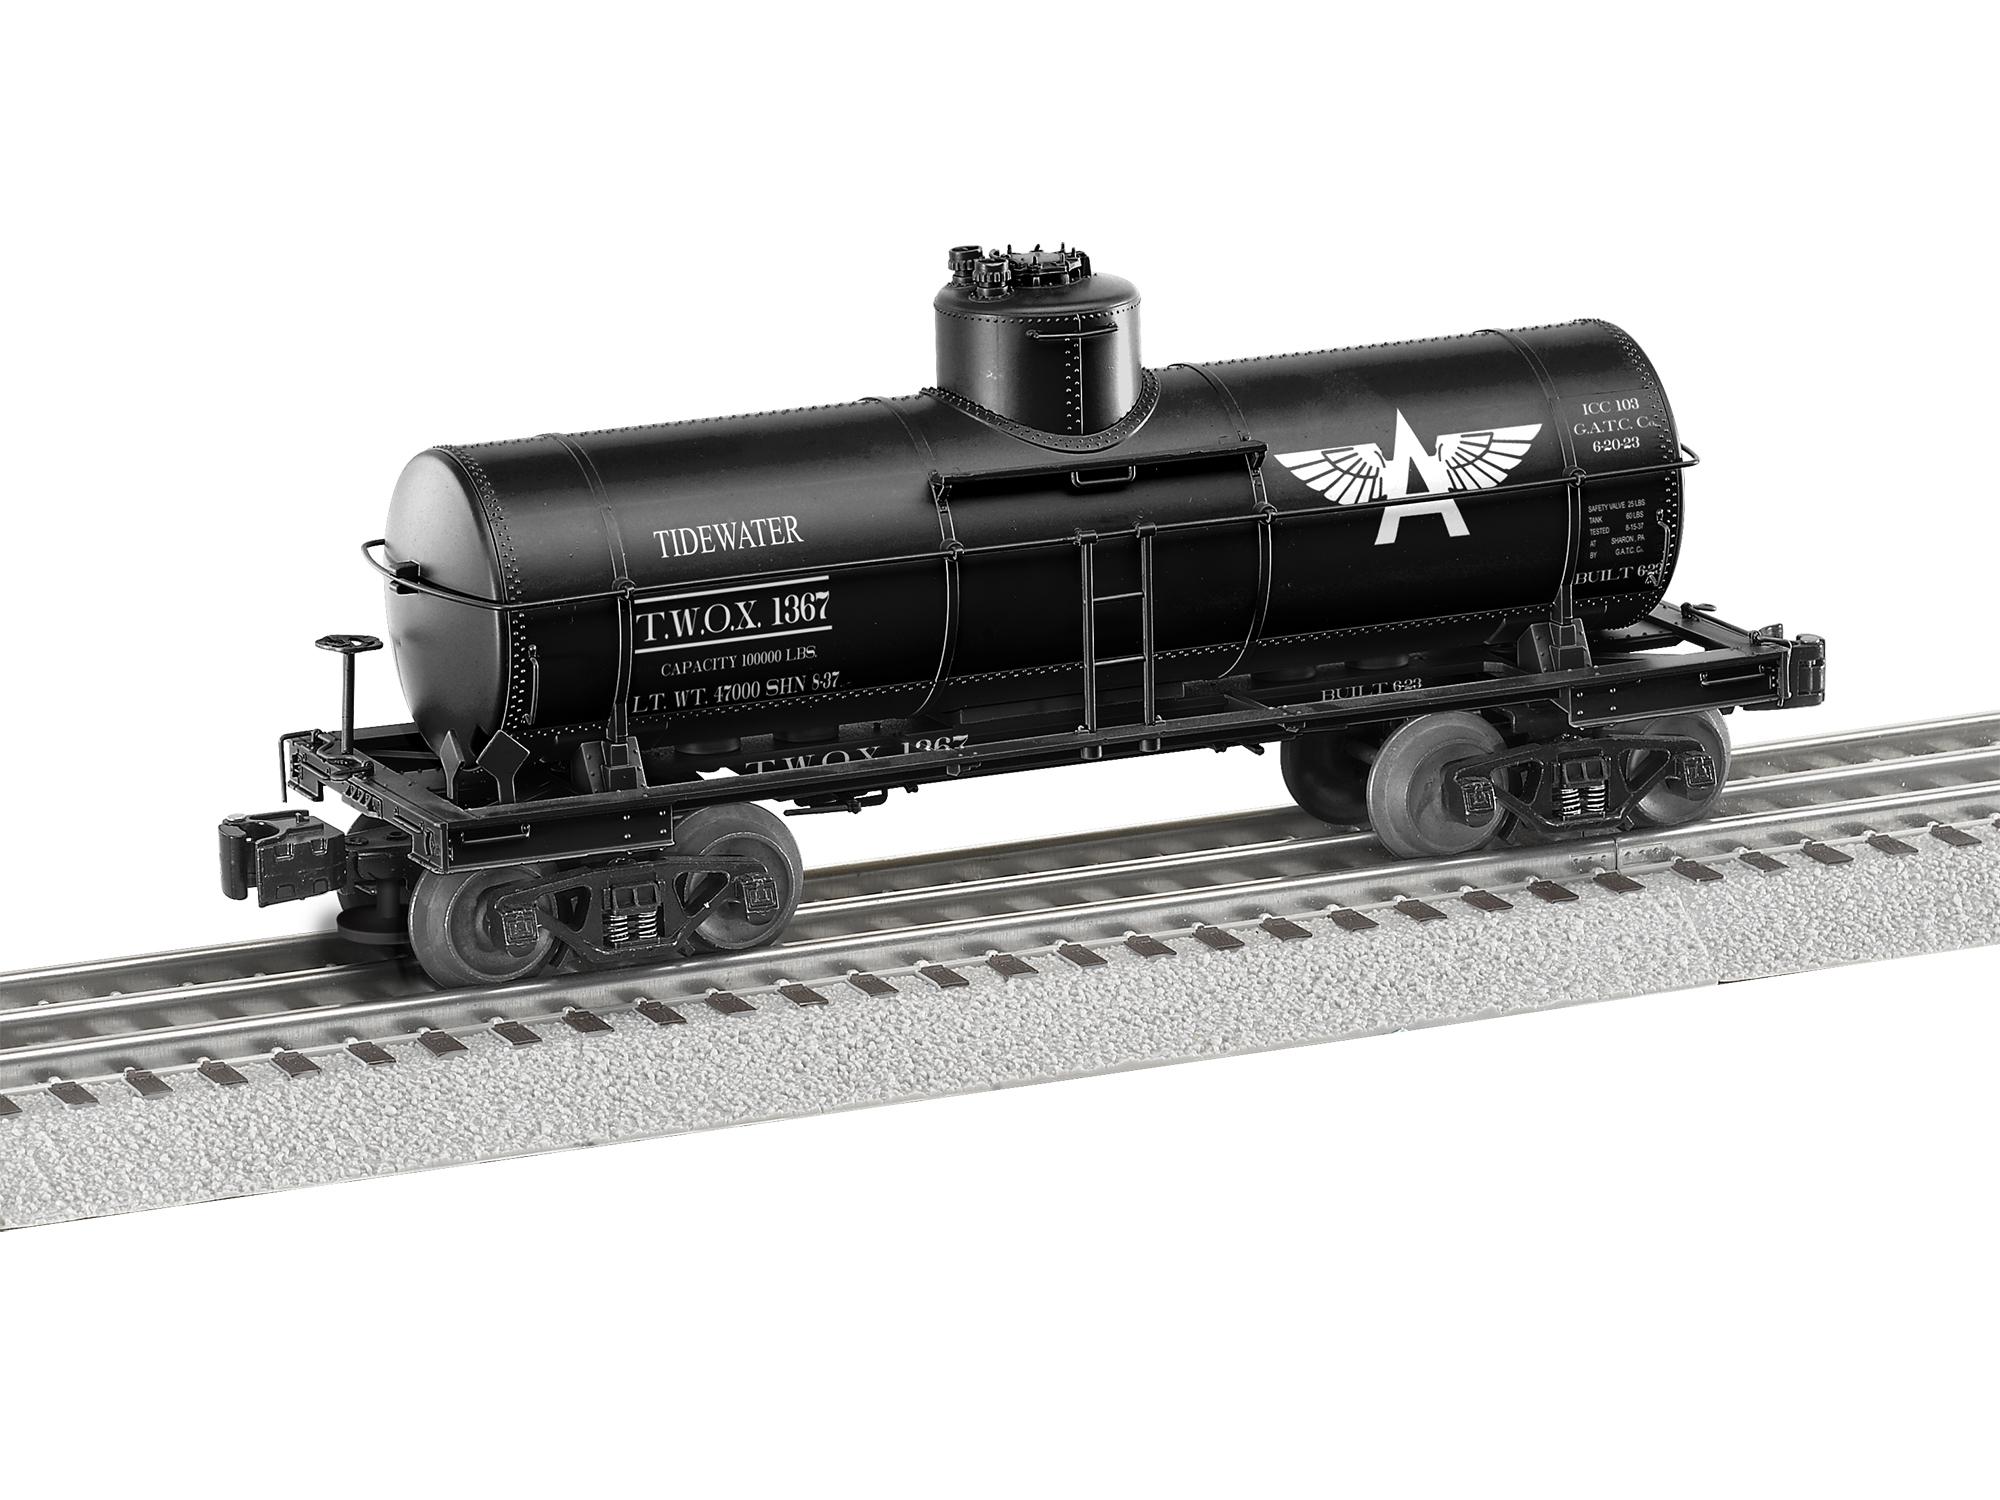 LNL684803 Lionel O 8K TankCar Tidewater 434-684803